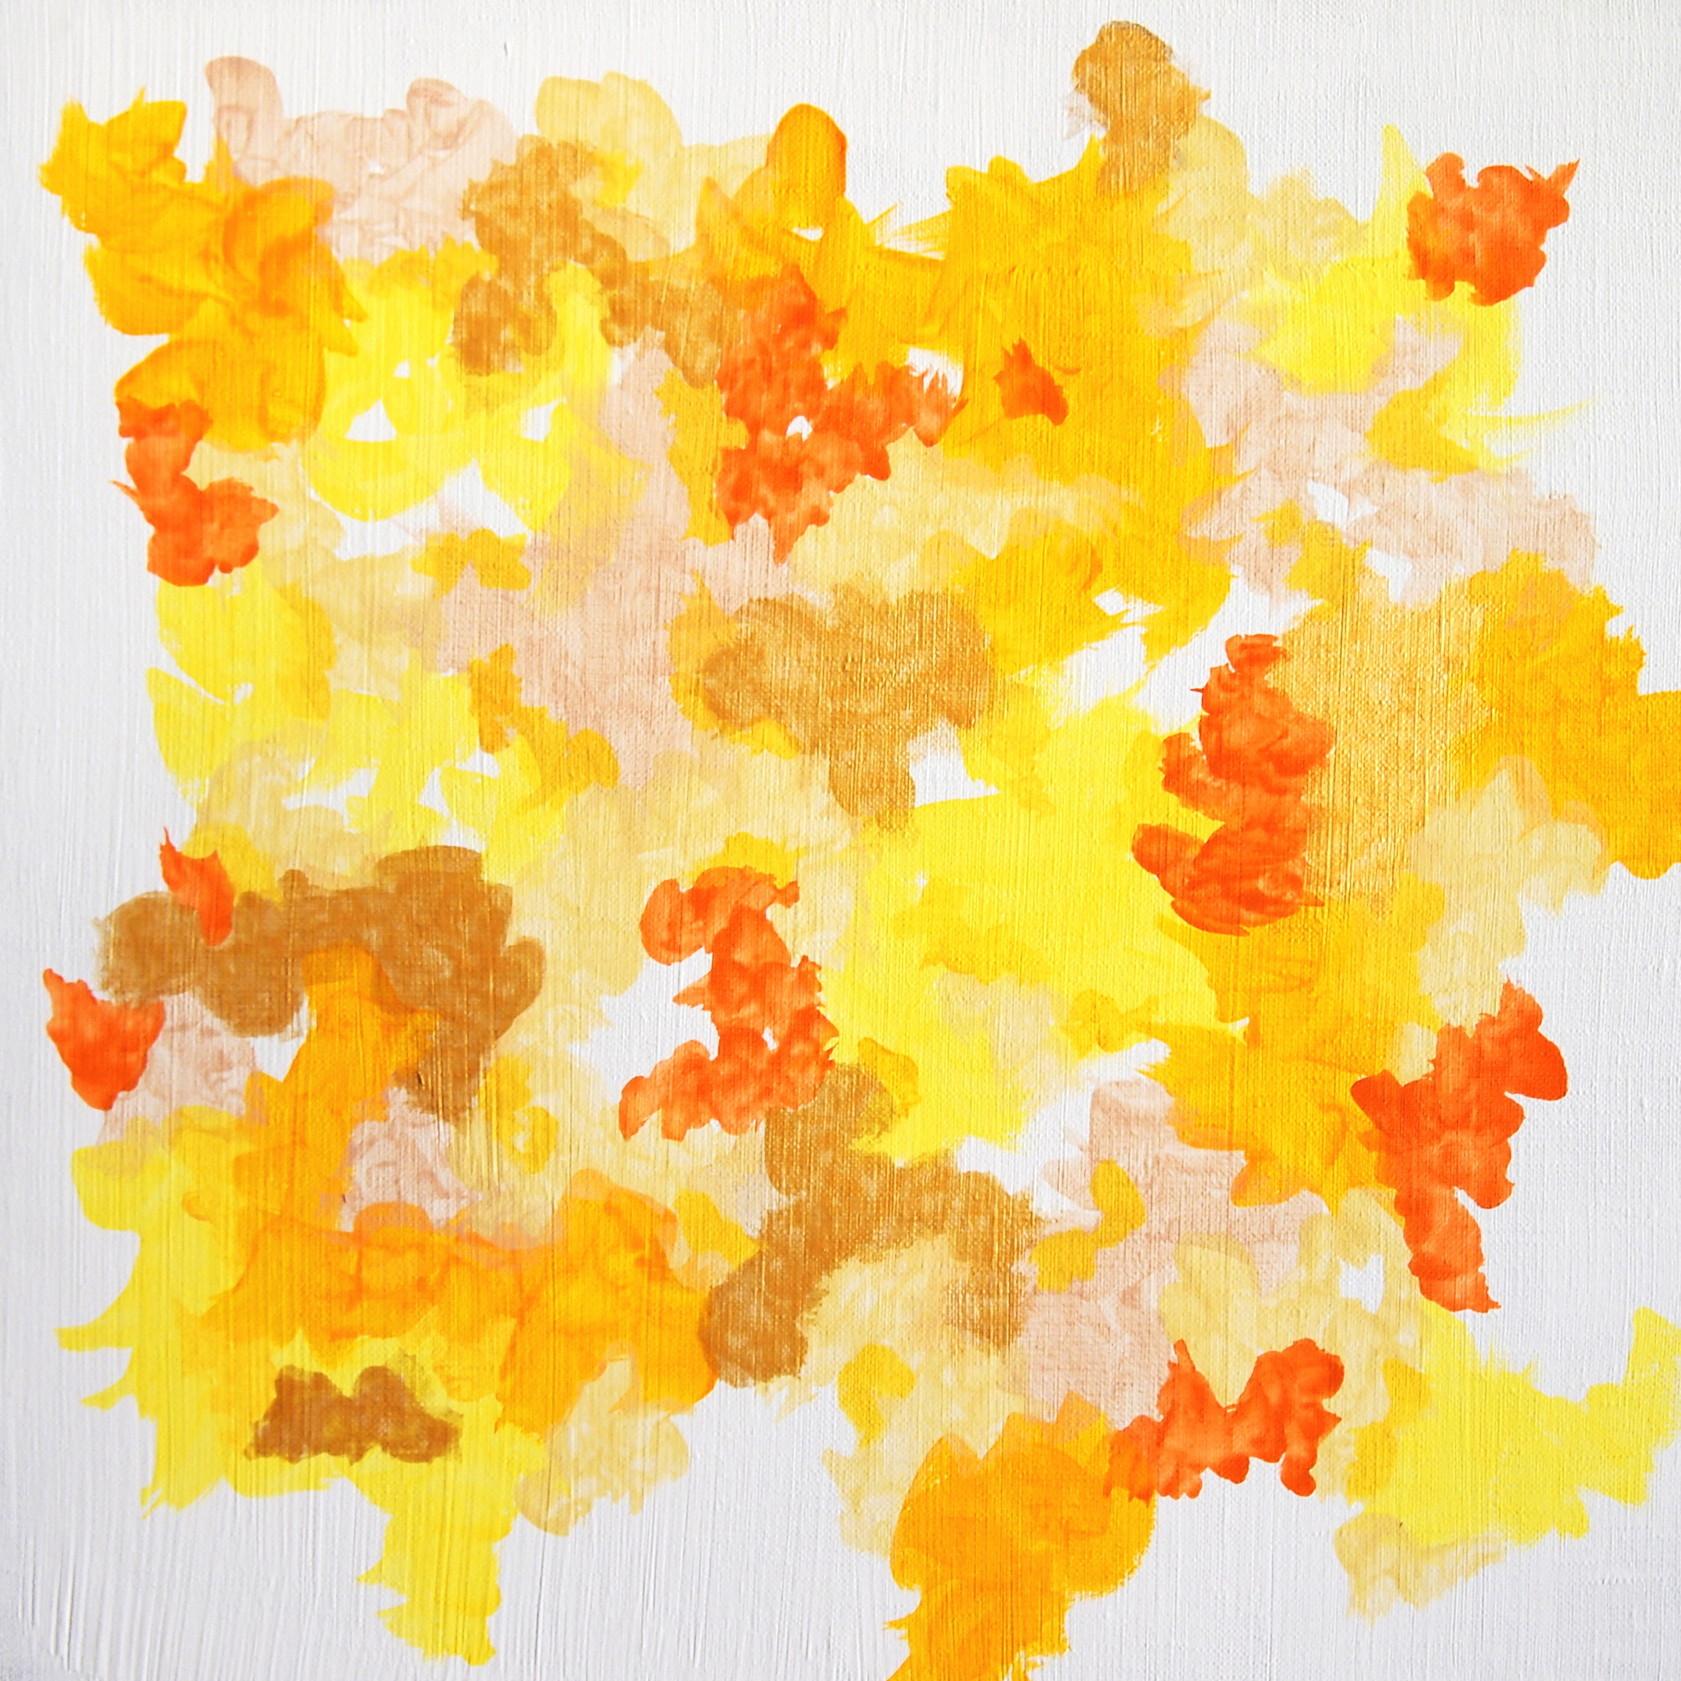 絵画 インテリア アートパネル 雑貨 壁掛け 置物 おしゃれ 現代アート 自然 ロココロ 画家 : 眞野丘秋 作品 : Nature #28